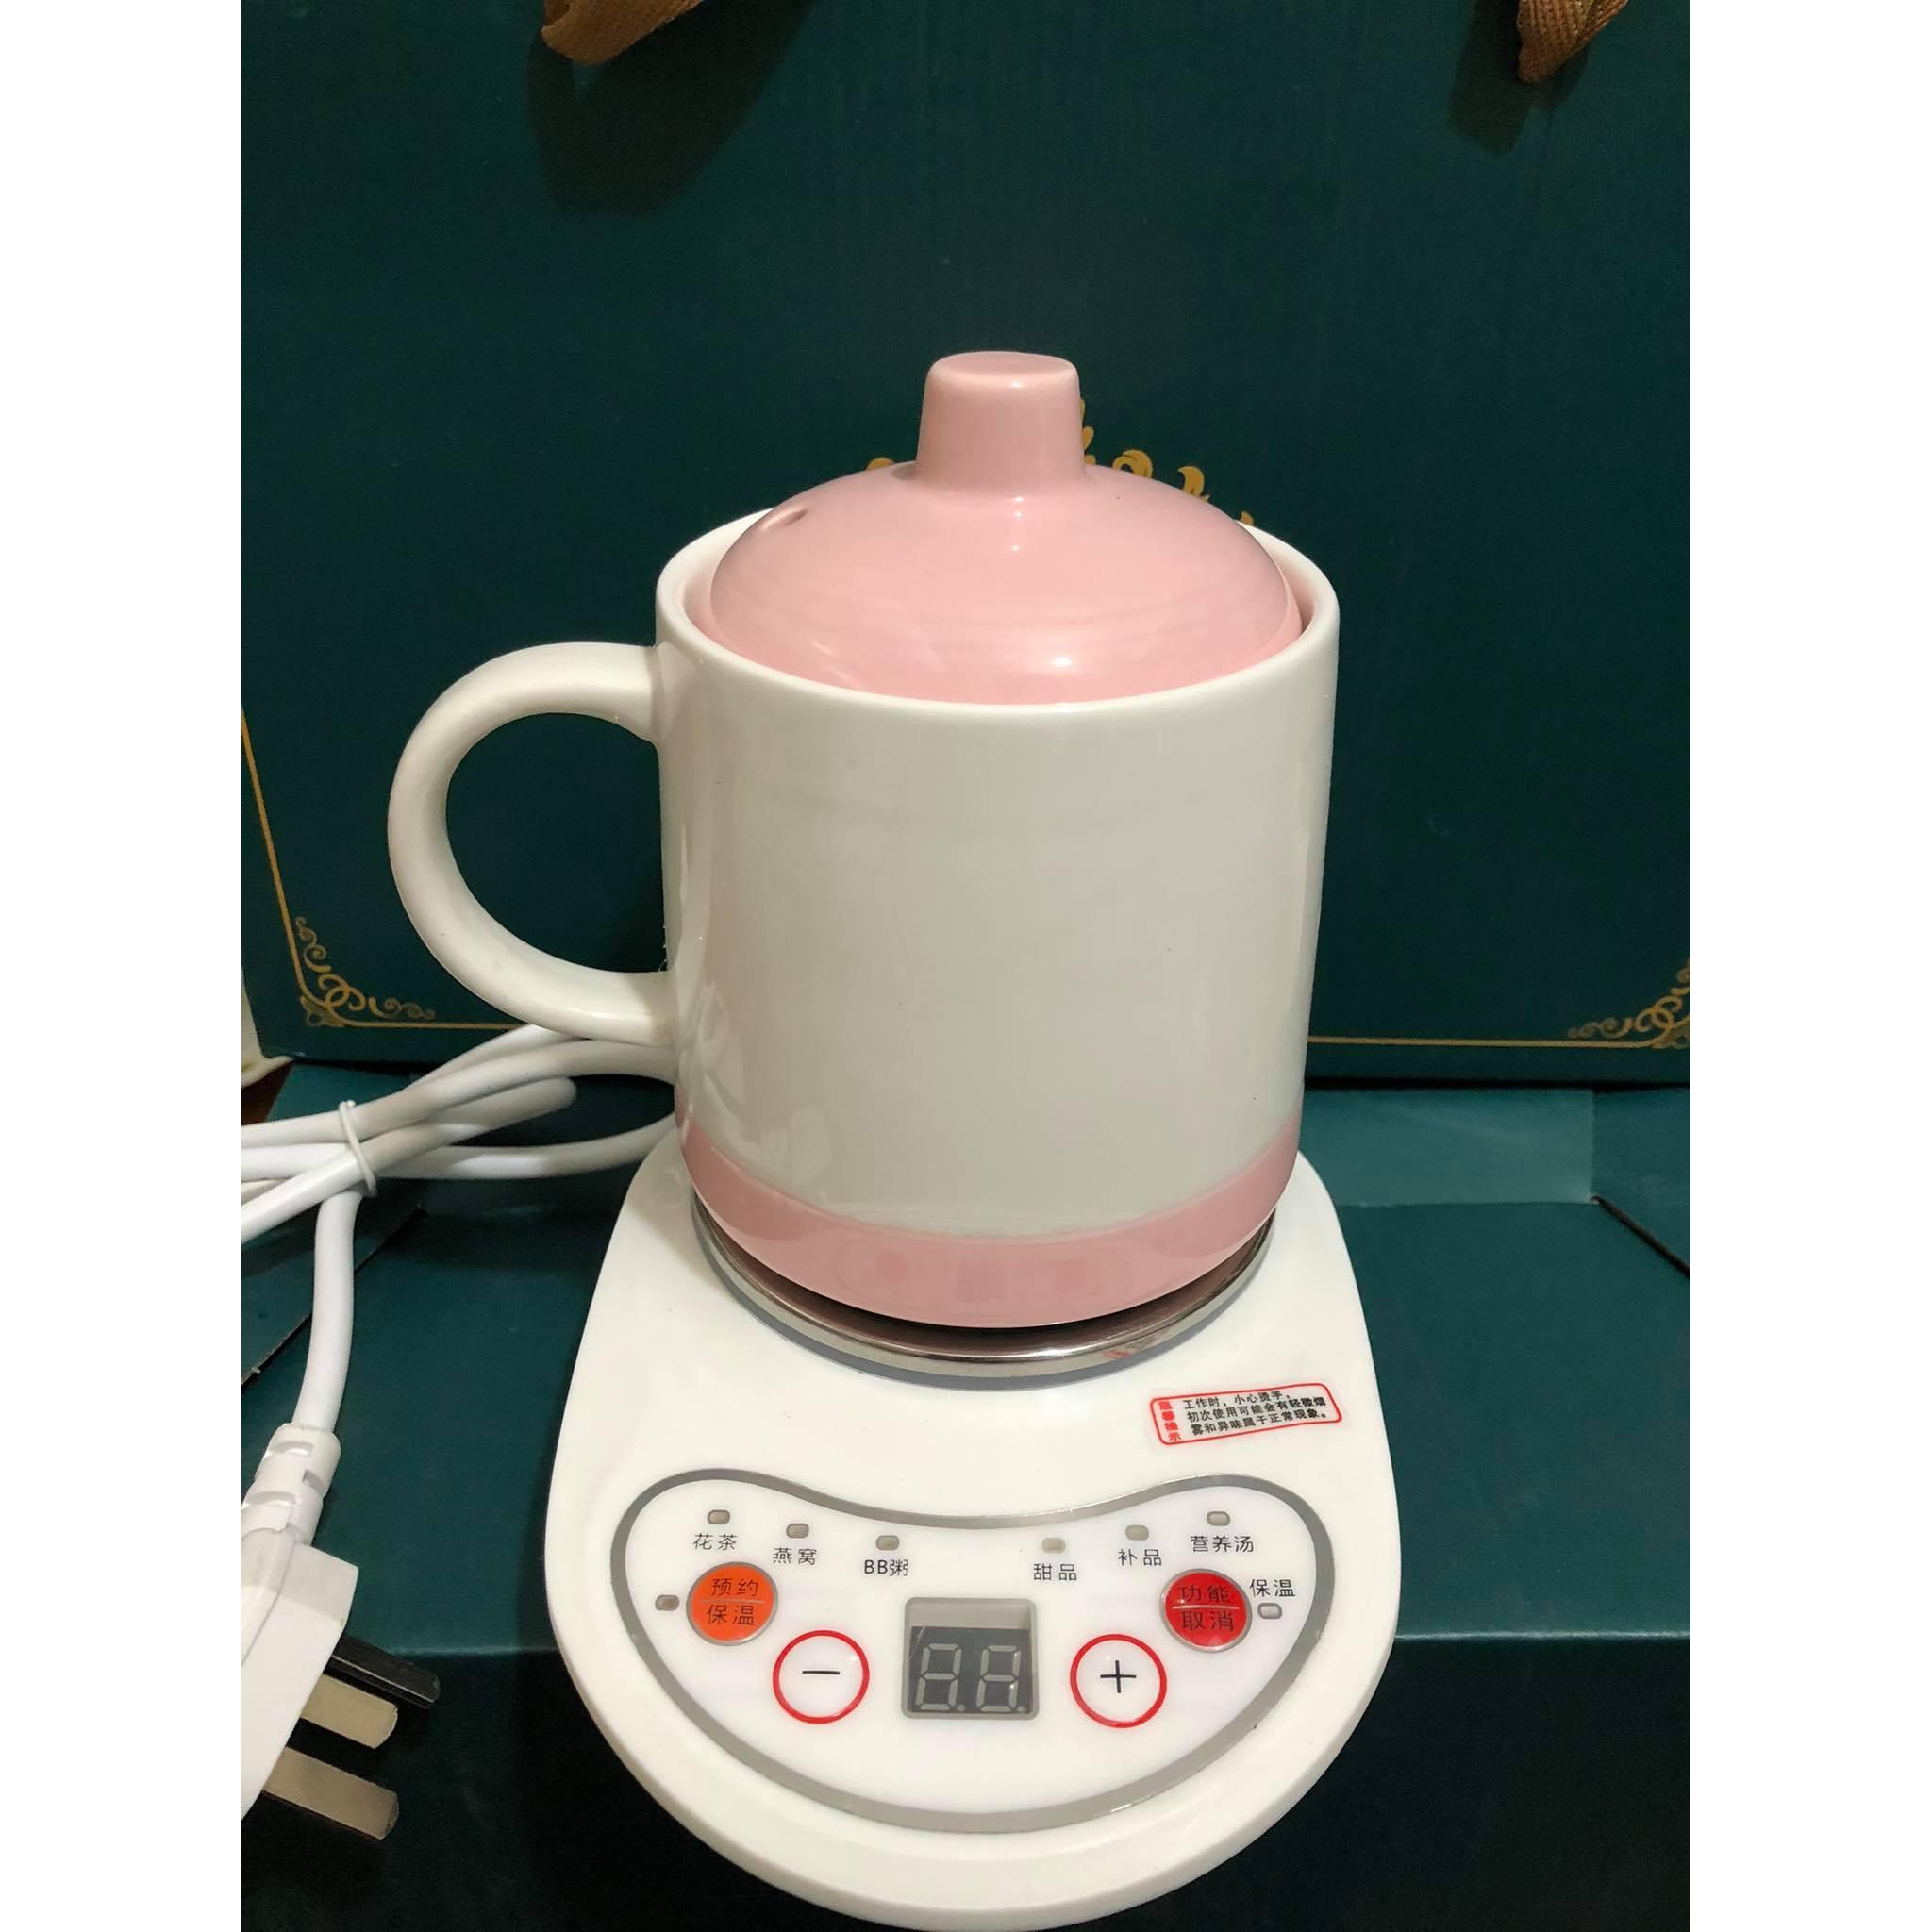 Bộ cốc sứ chưng yến – hầm đa năng và đế điện (chưng yến, hâm cháo, nấu nước, nấu trà...)